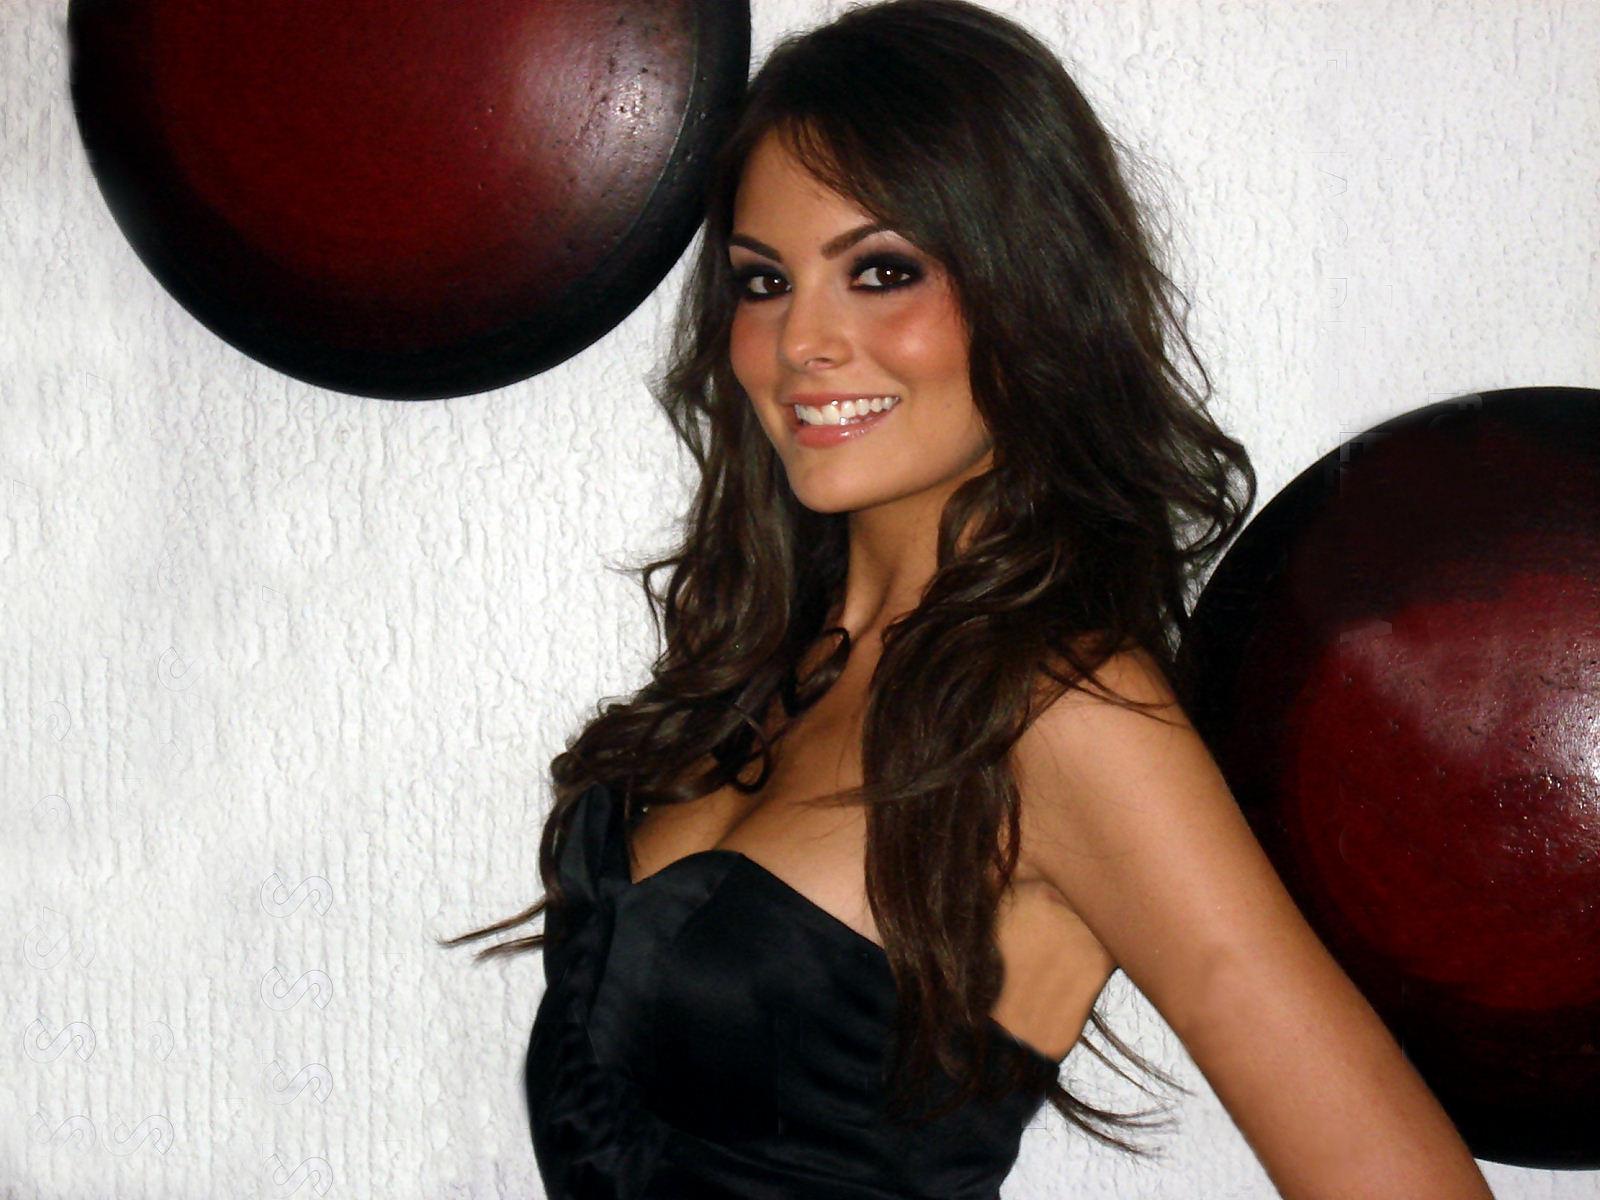 Ximena Navarrete Hot